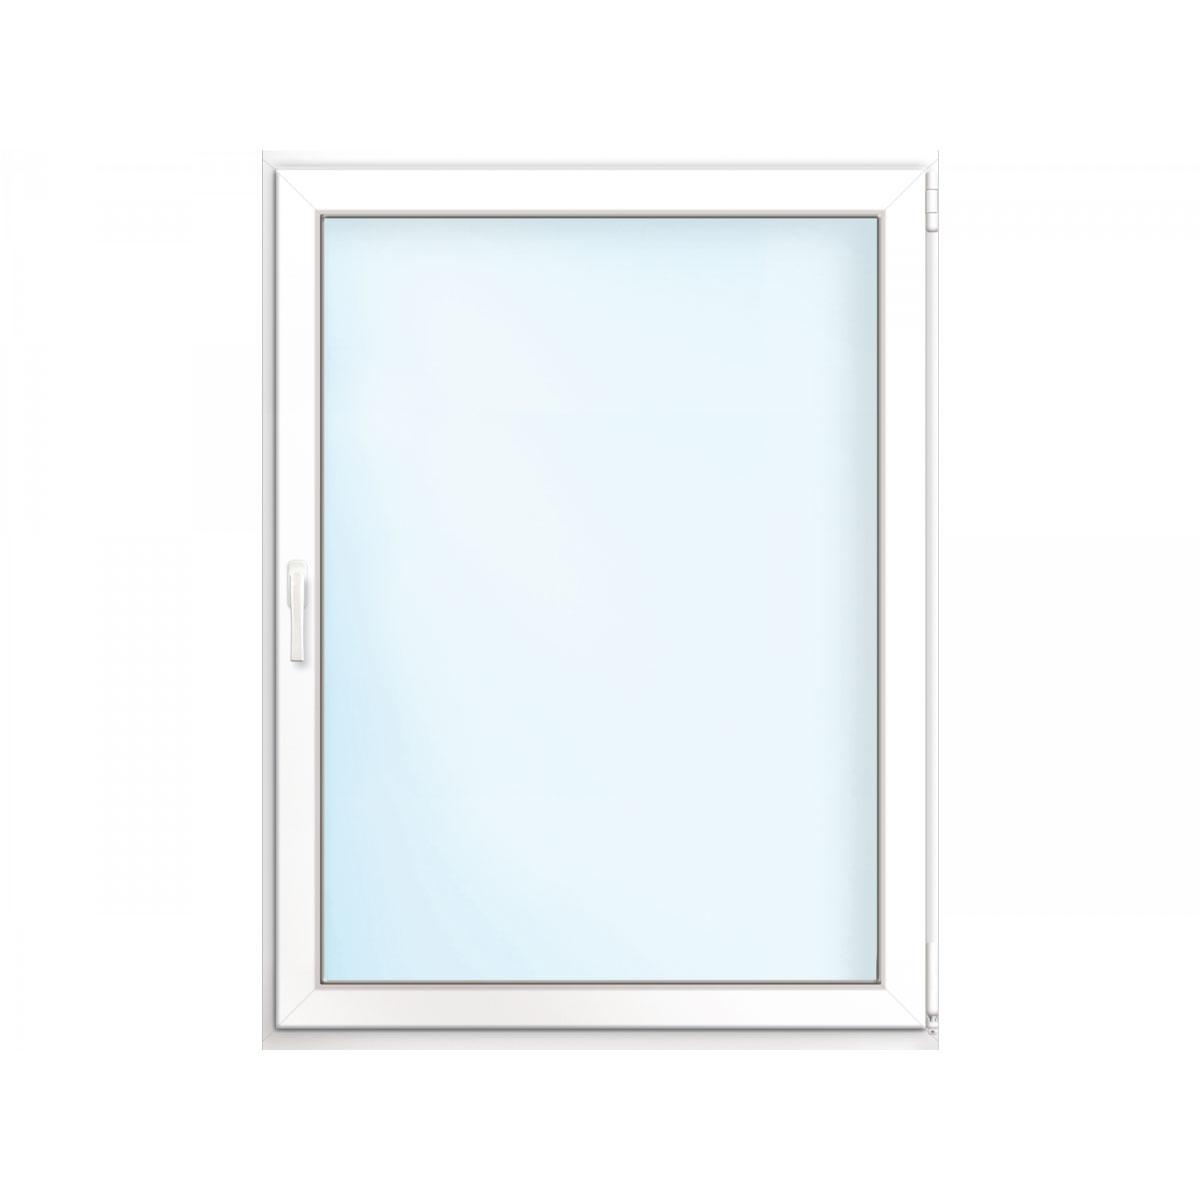 Fenster PVC 70/3 weiß/weiß Anschlag rechts 60x75 cm